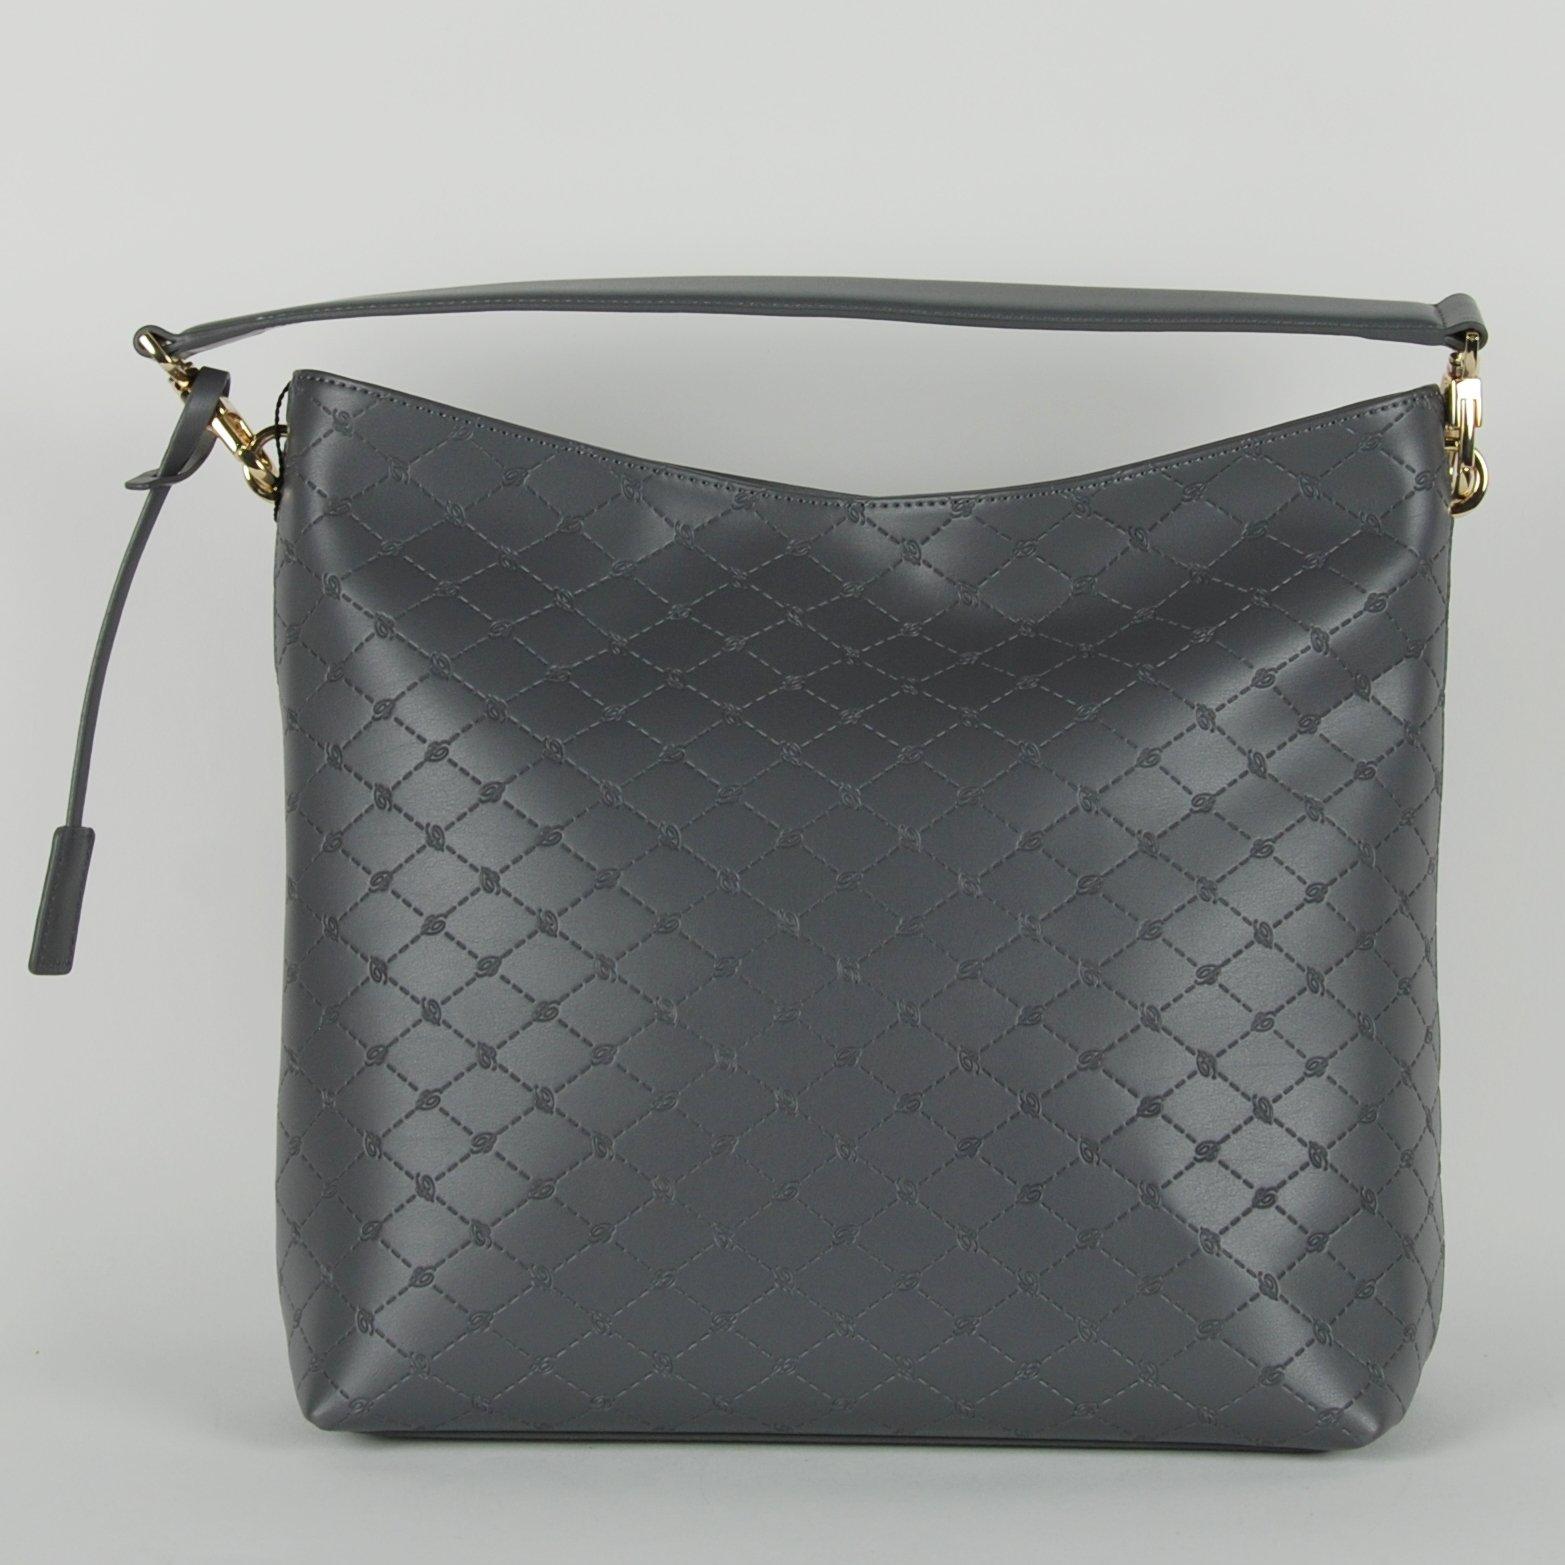 Blumarine Women's Hobo Bag Grey BL1421550